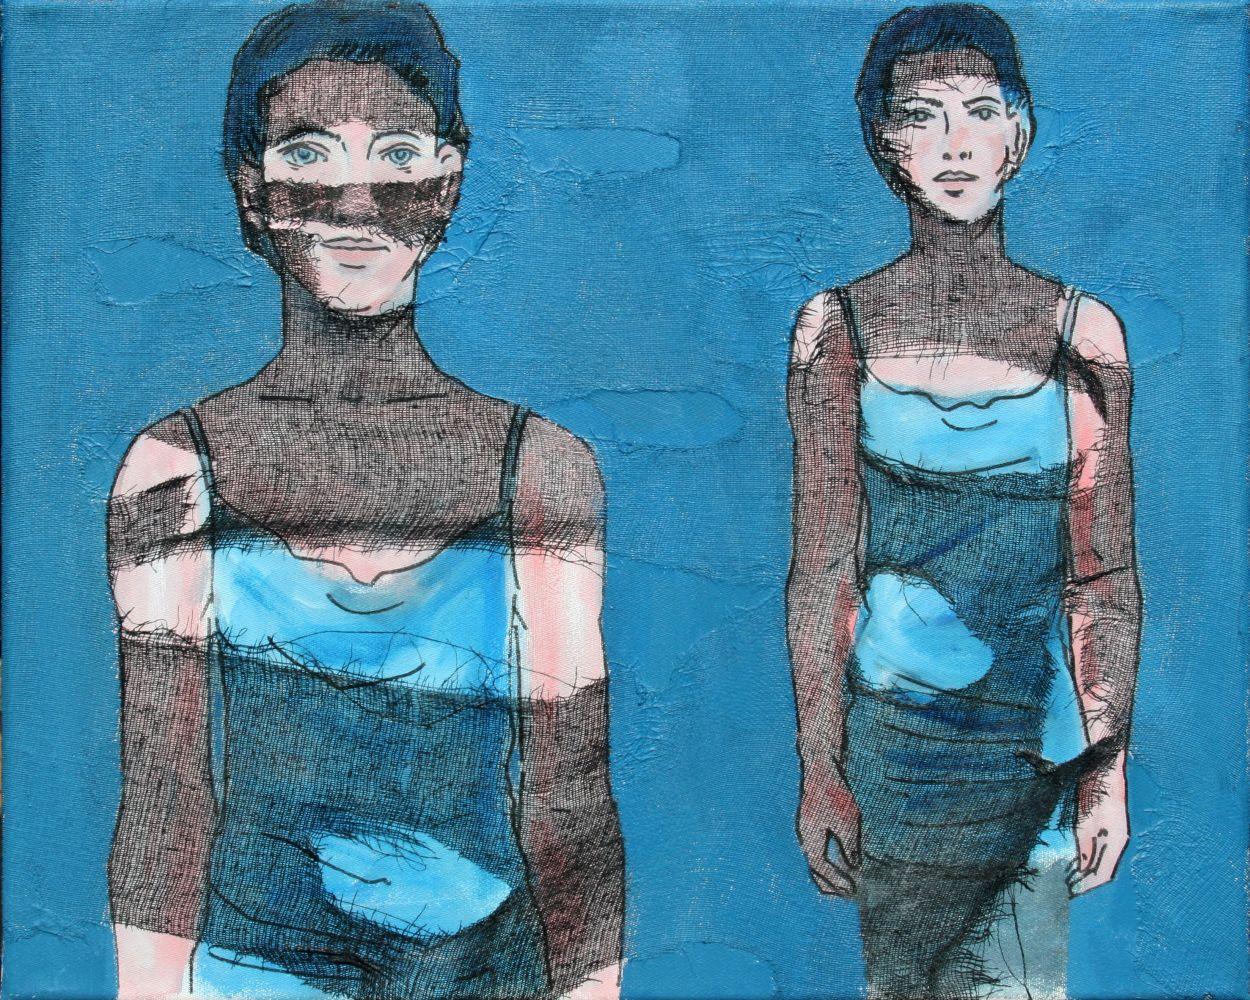 Rosika Janko-Glage Chwila - Augenblick, 2012, płótno, akryl, gaza (źródło: materiały prasowe)